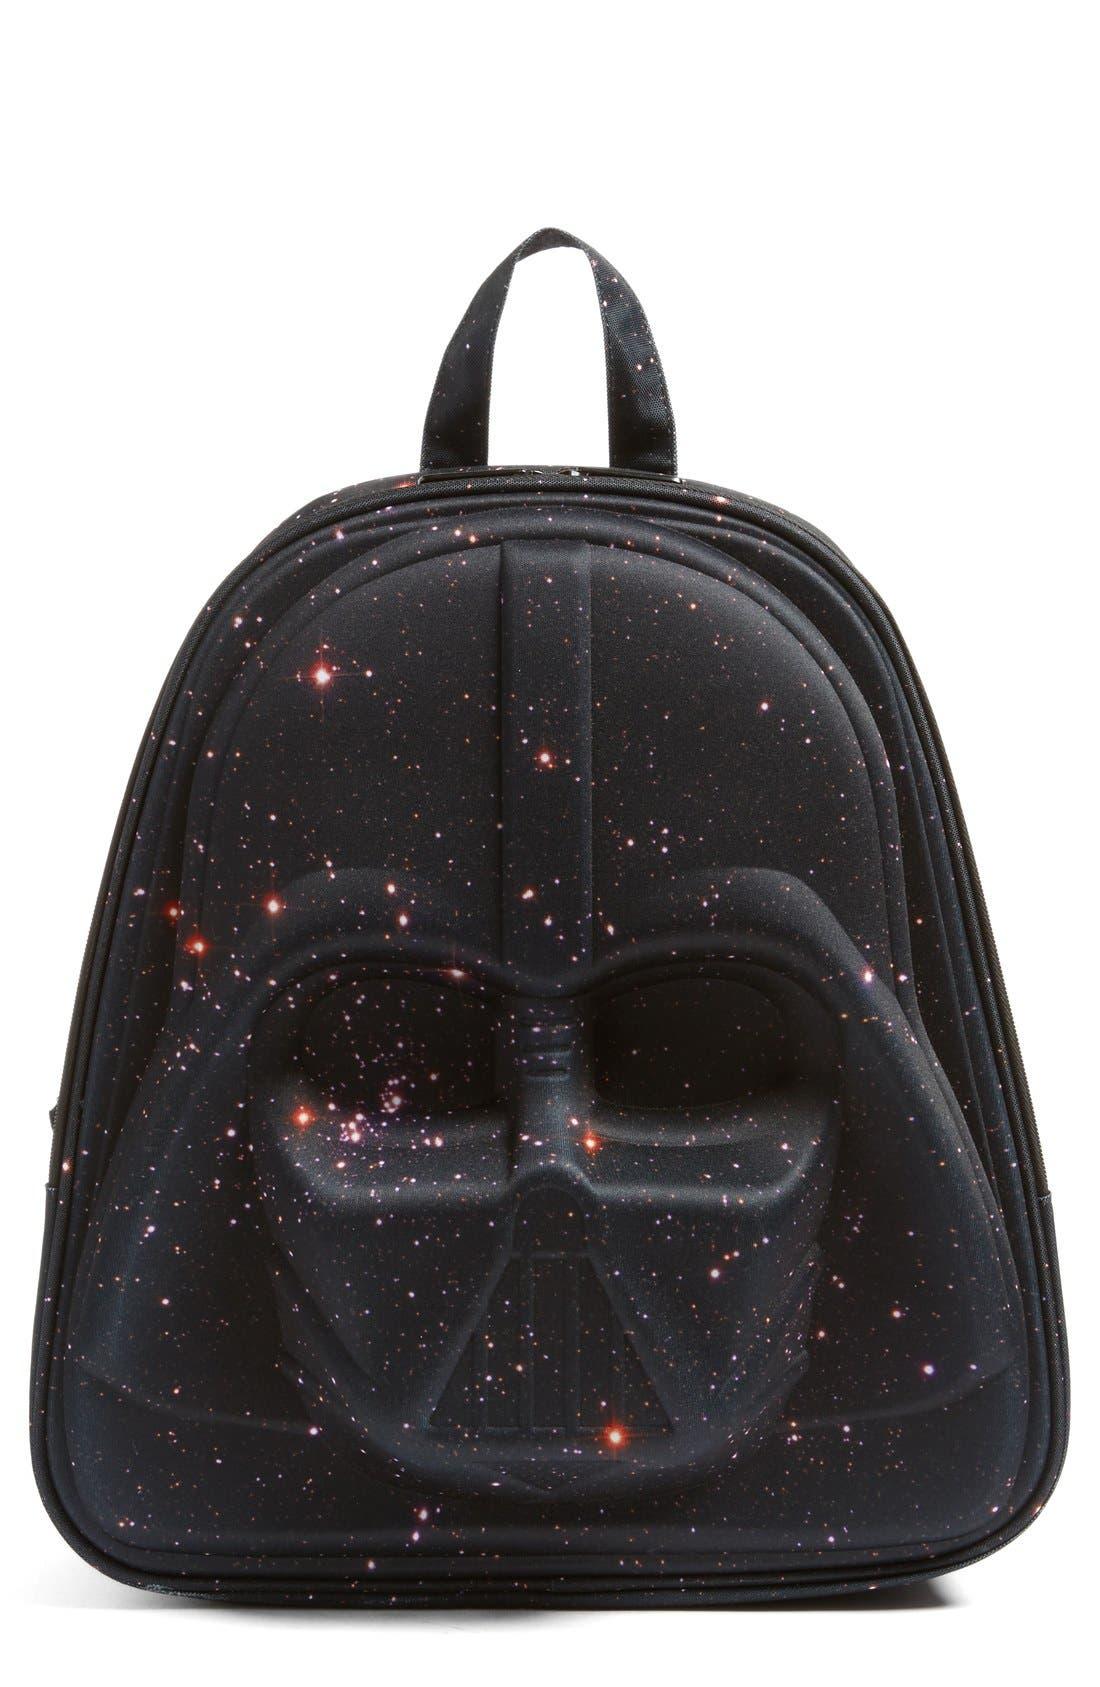 'Star Wars<sup>™</sup> - Darth Vader Galaxy' Backpack,                             Main thumbnail 1, color,                             001